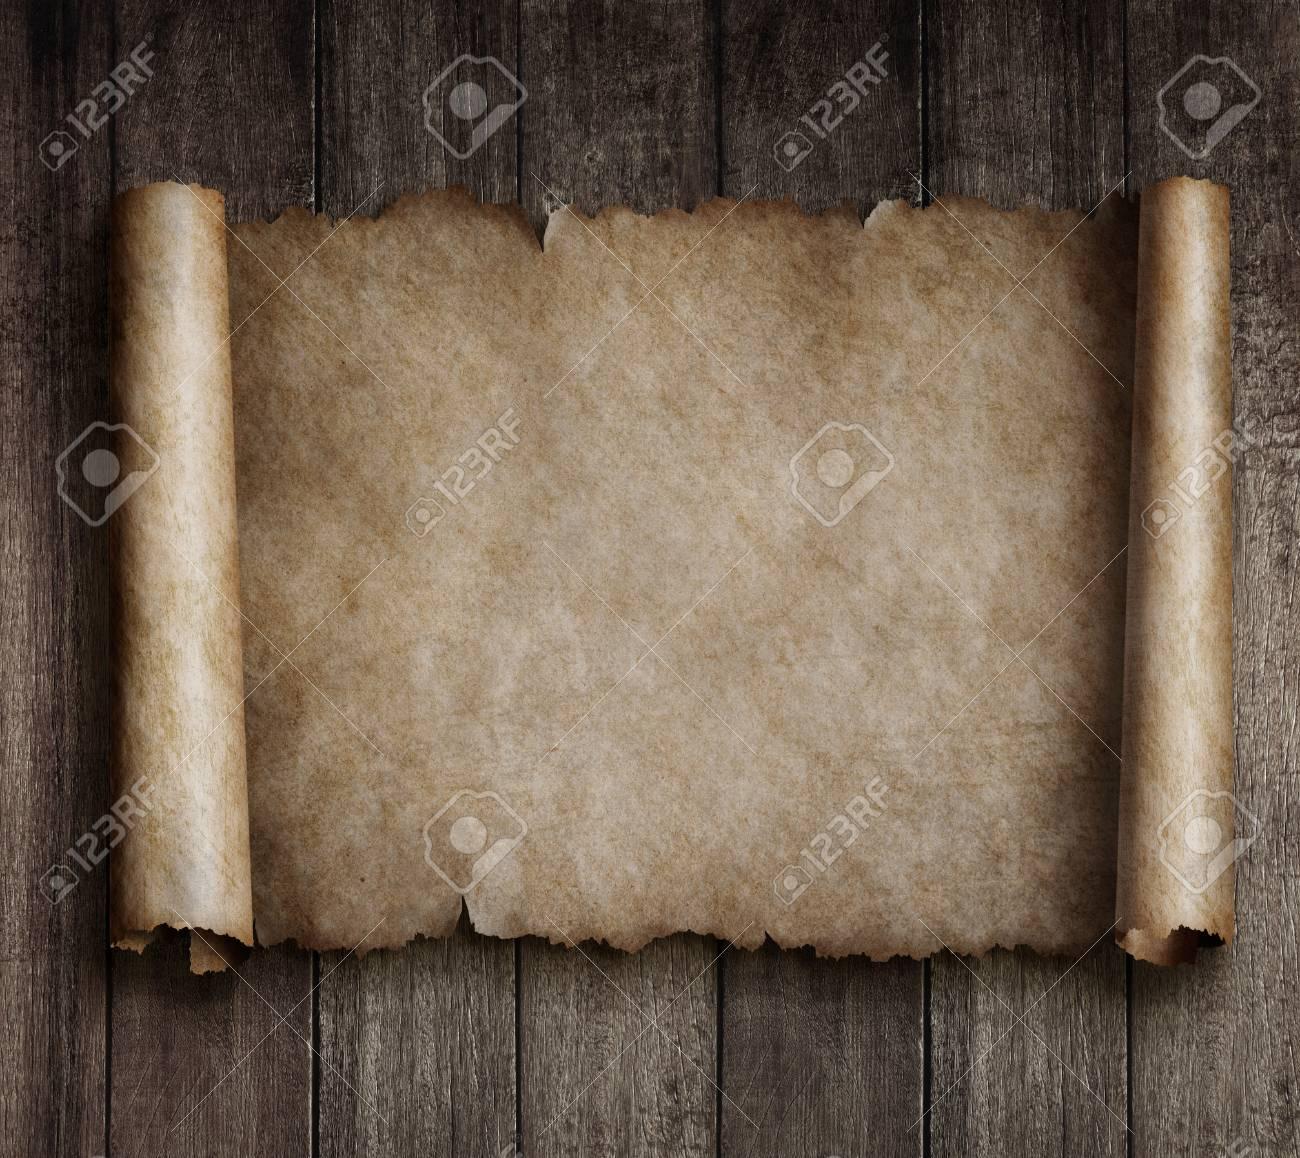 Vintage parchment or map - 75926709